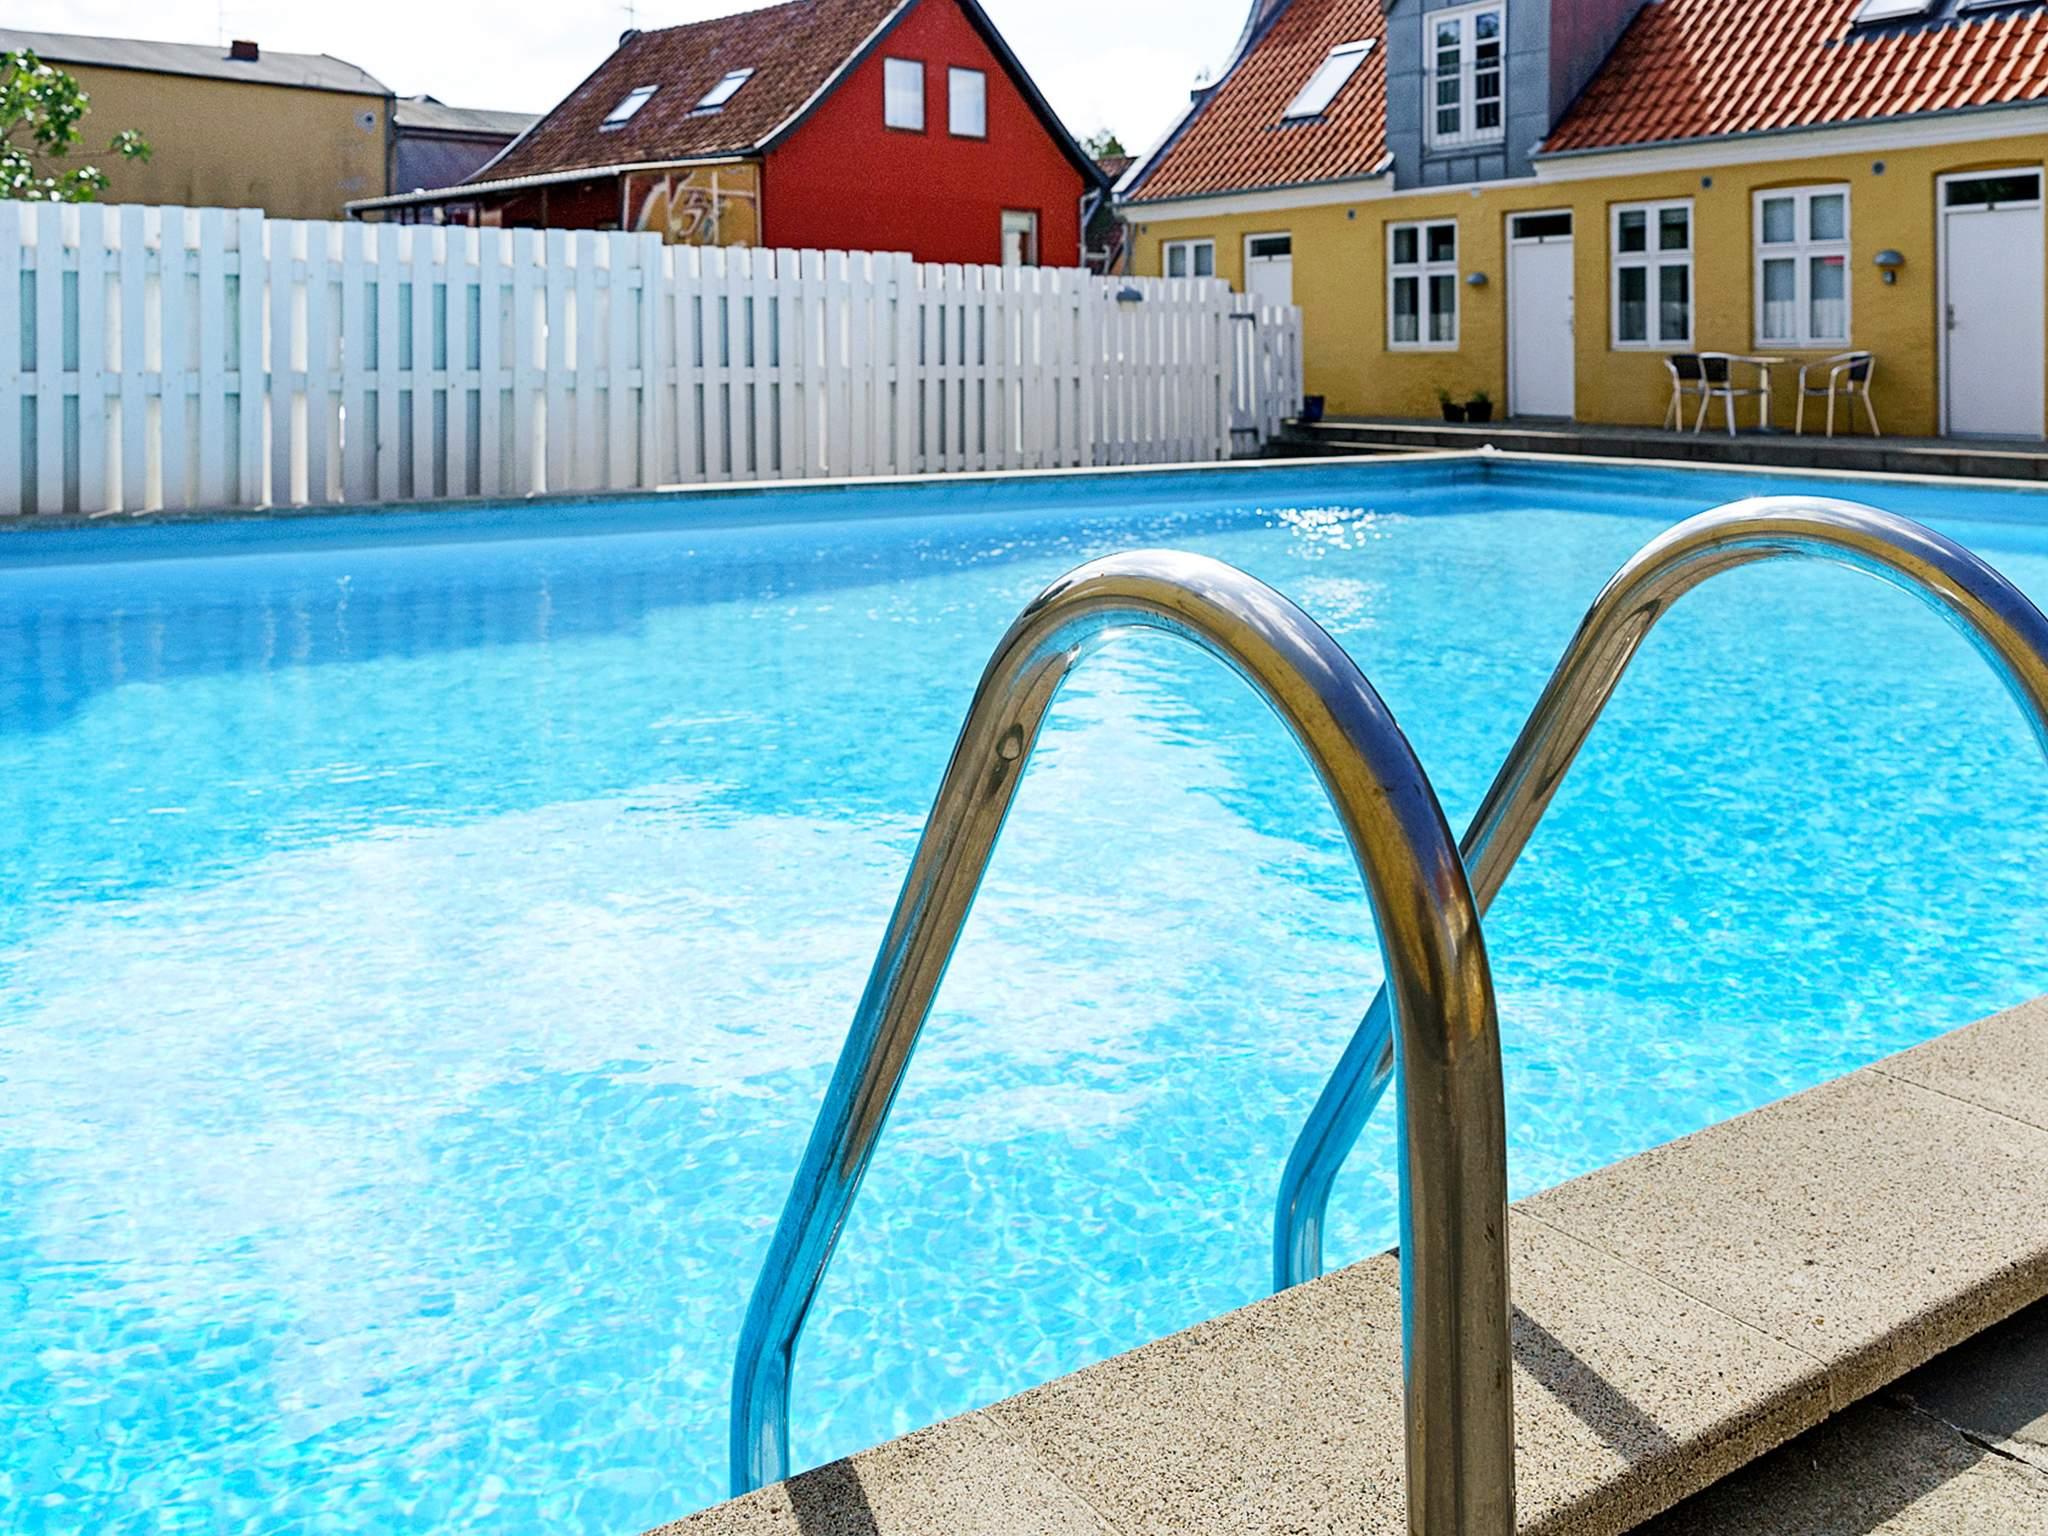 Ferienhaus Gudhjem (385014), Gudhjem, , Bornholm, Dänemark, Bild 13